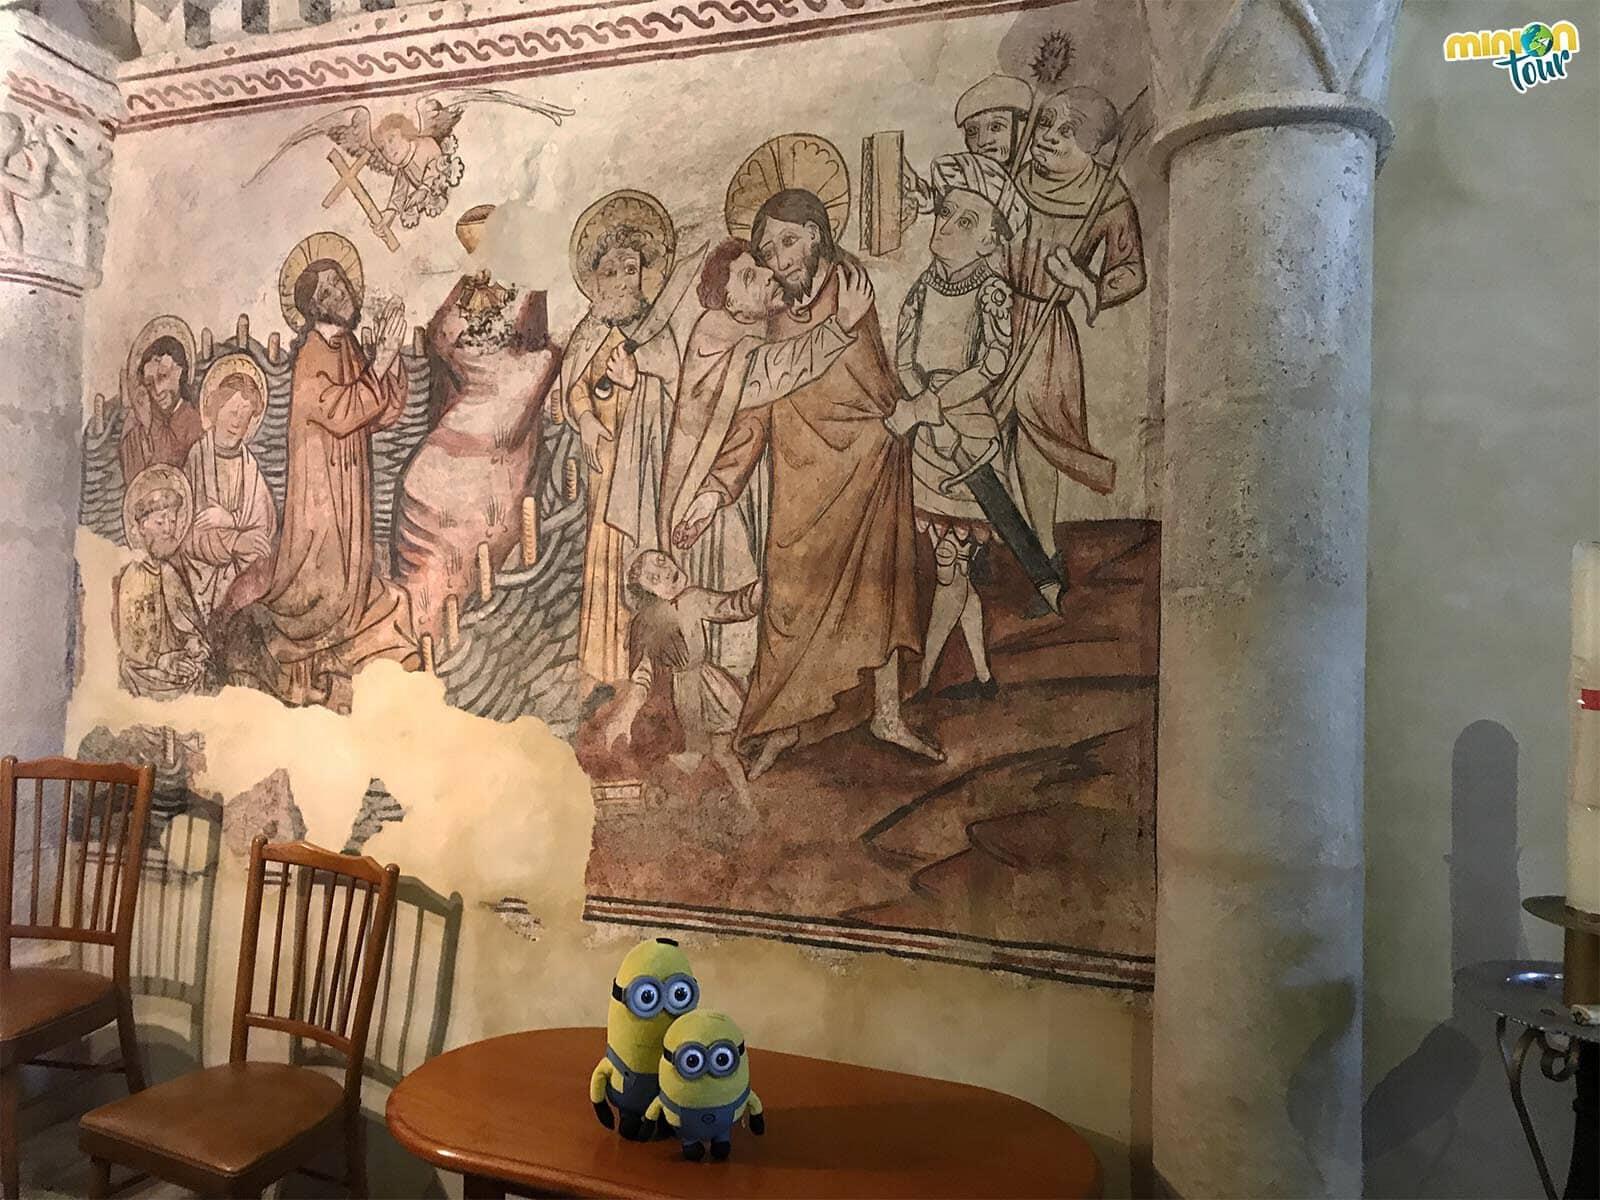 Los Minions viendo las pinturas murales de la Capilla Sixtina gallega